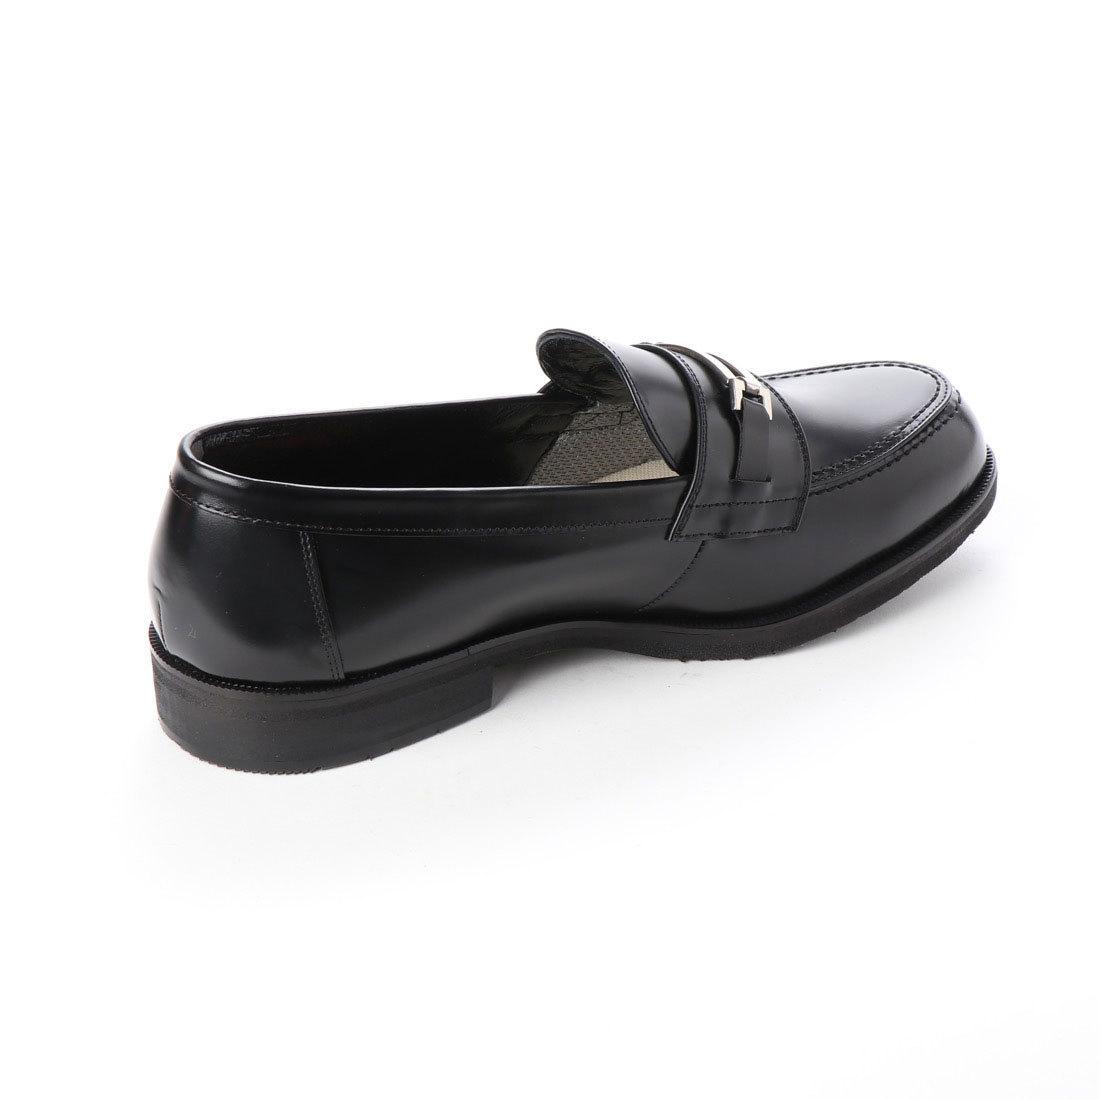 【大きいサイズ】【メンズ 】【超幅広】【激安】紳士靴 本革 甲高 6E G キングサイズ ビジネスシューズ ビットローファー ブラック 27.0cm